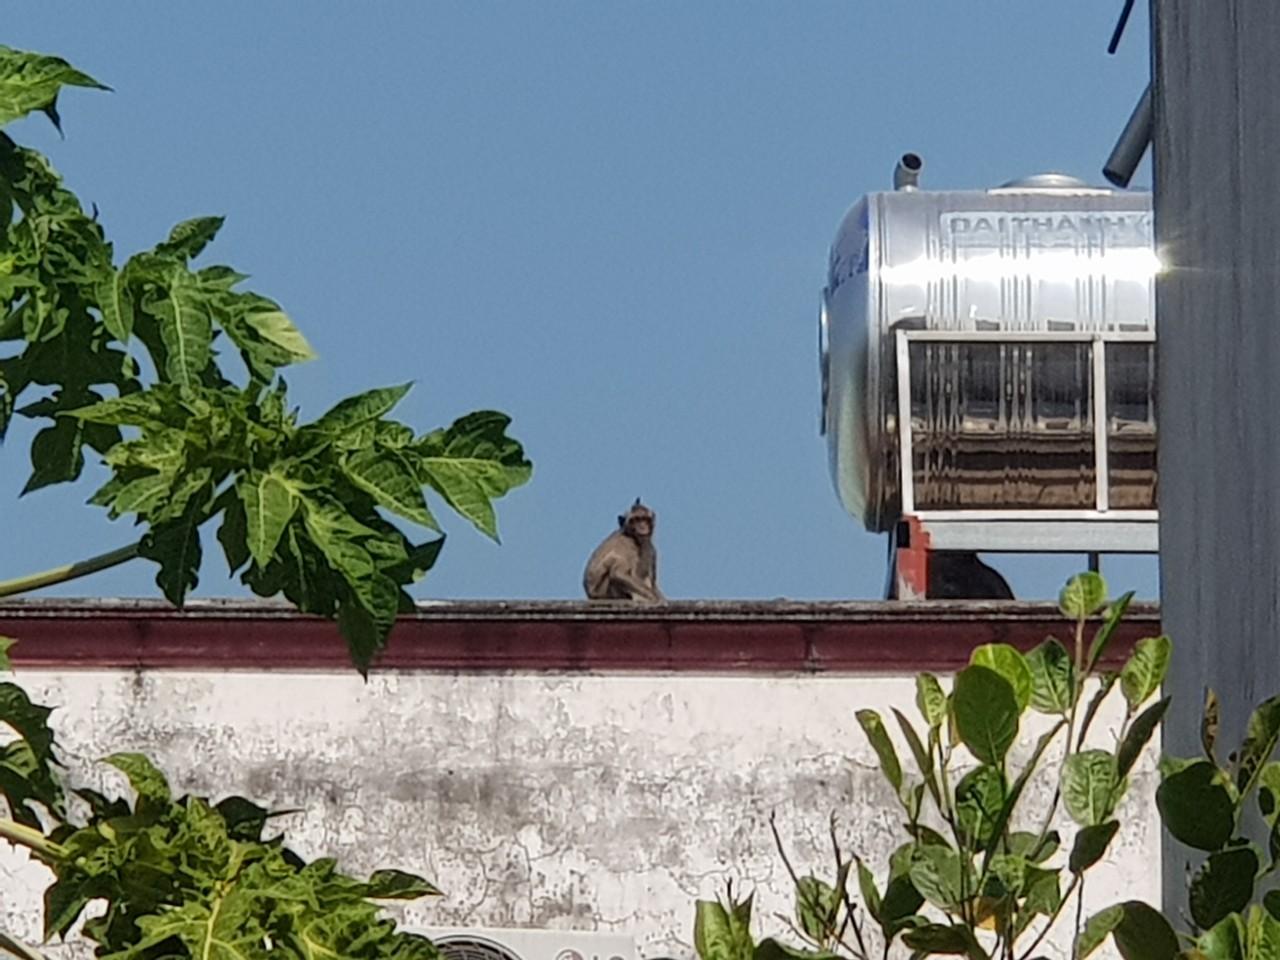 Đàn khỉ hoang 'đại náo' khu dân cư ở Sài Gòn, cơ quan chức năng vào cuộc